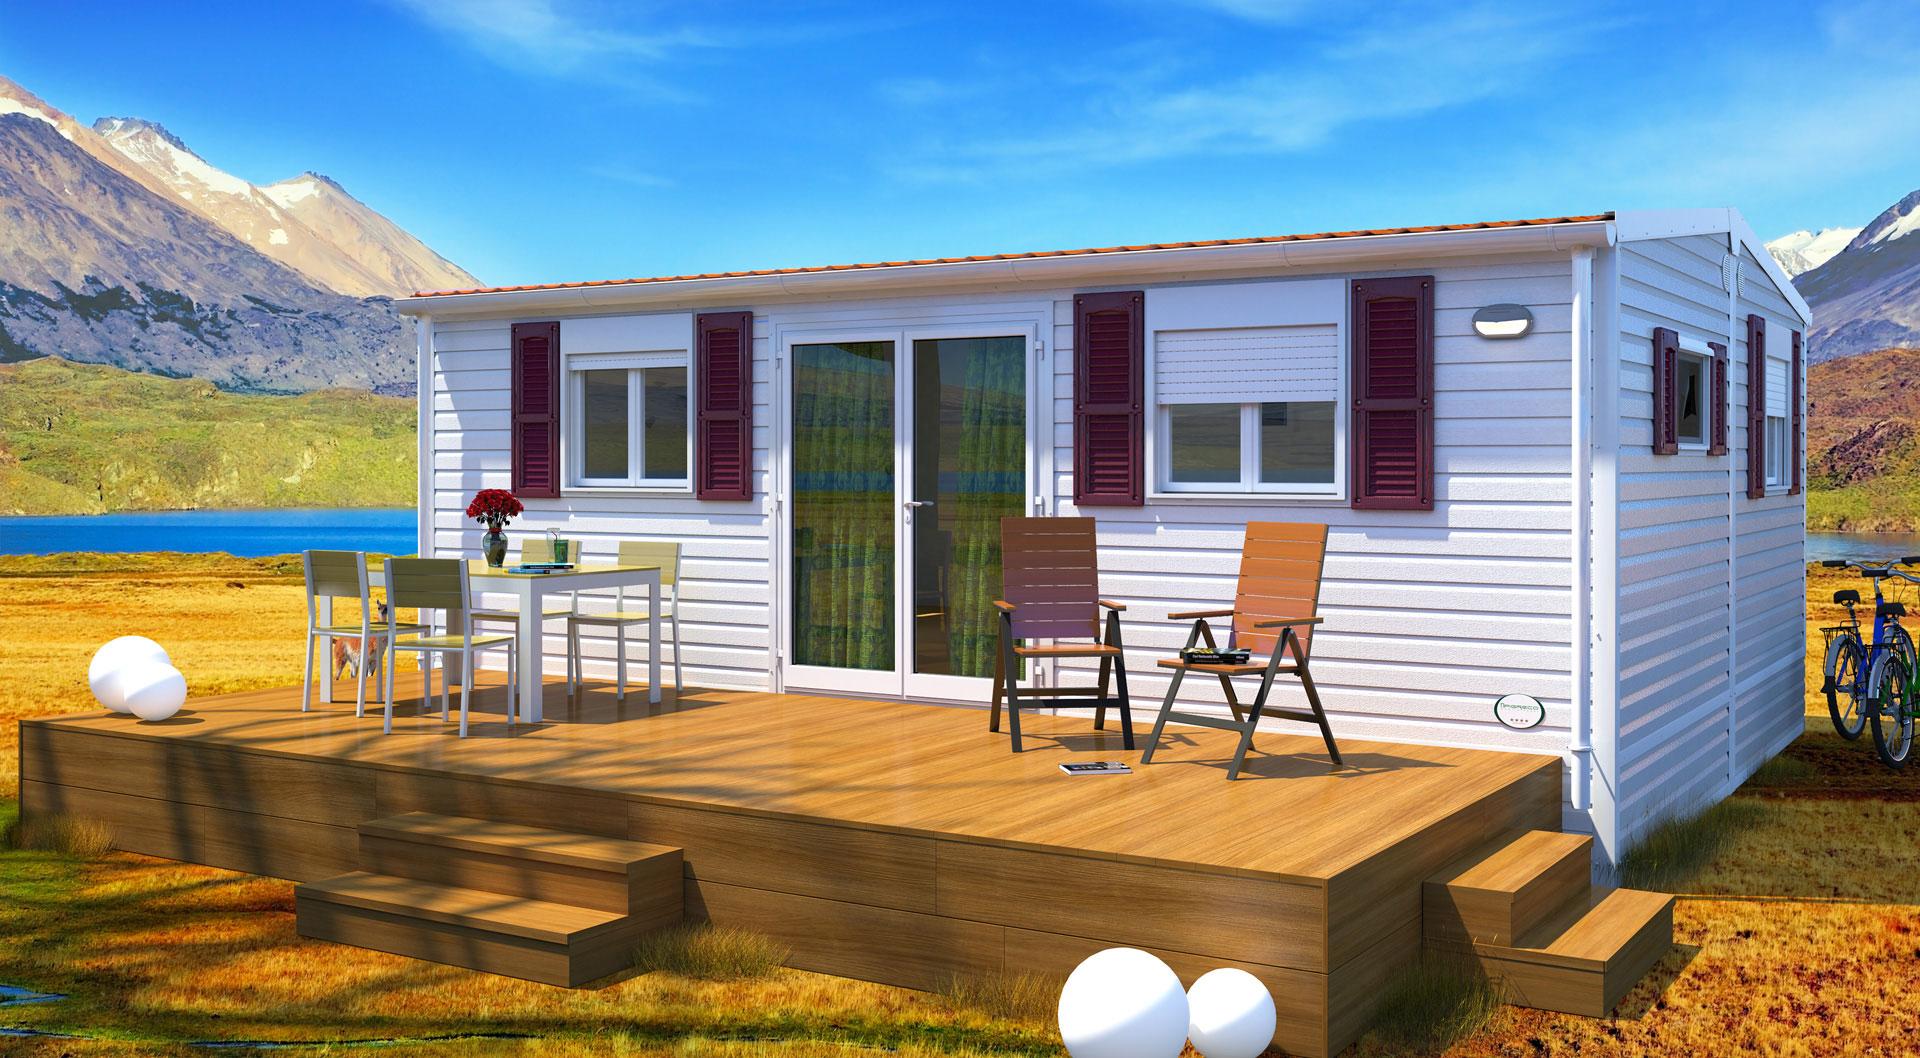 Home pigreco case mobili case su ruote moduli abitativi - Case in legno mobili ...